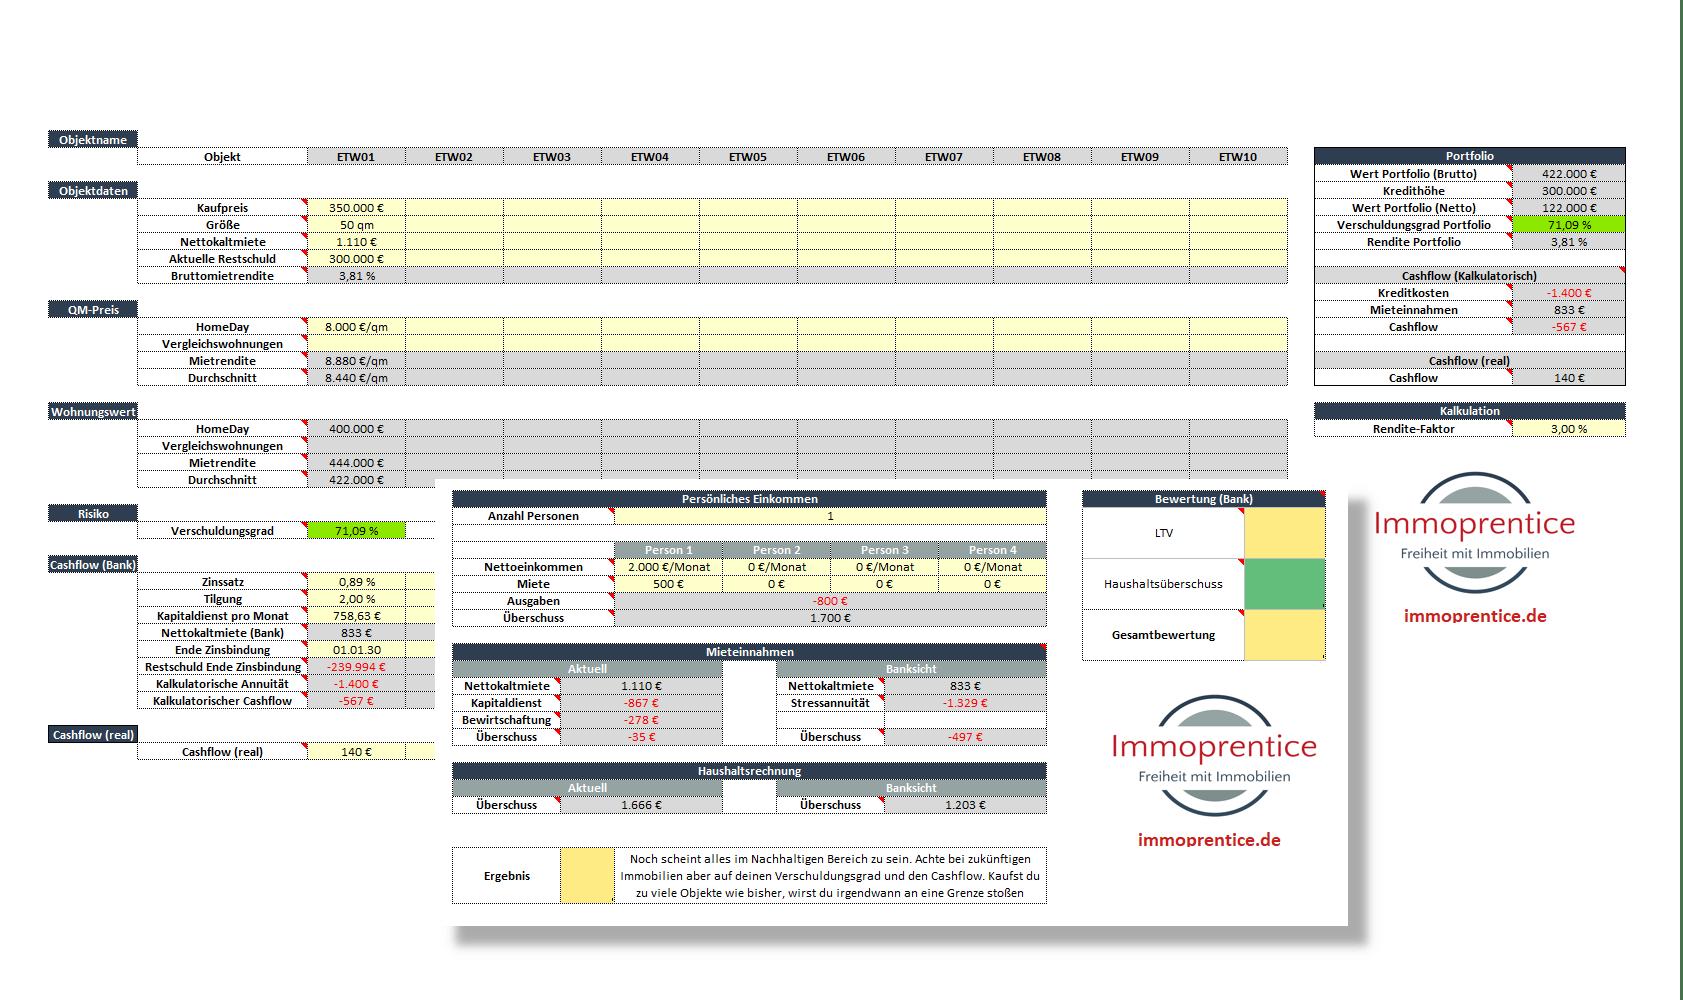 Screenshot des Immoprentice Portfolio Excel für Immobilien. Ein Tool um dein Immobilienportfolio zu managen. (Premium Variante)